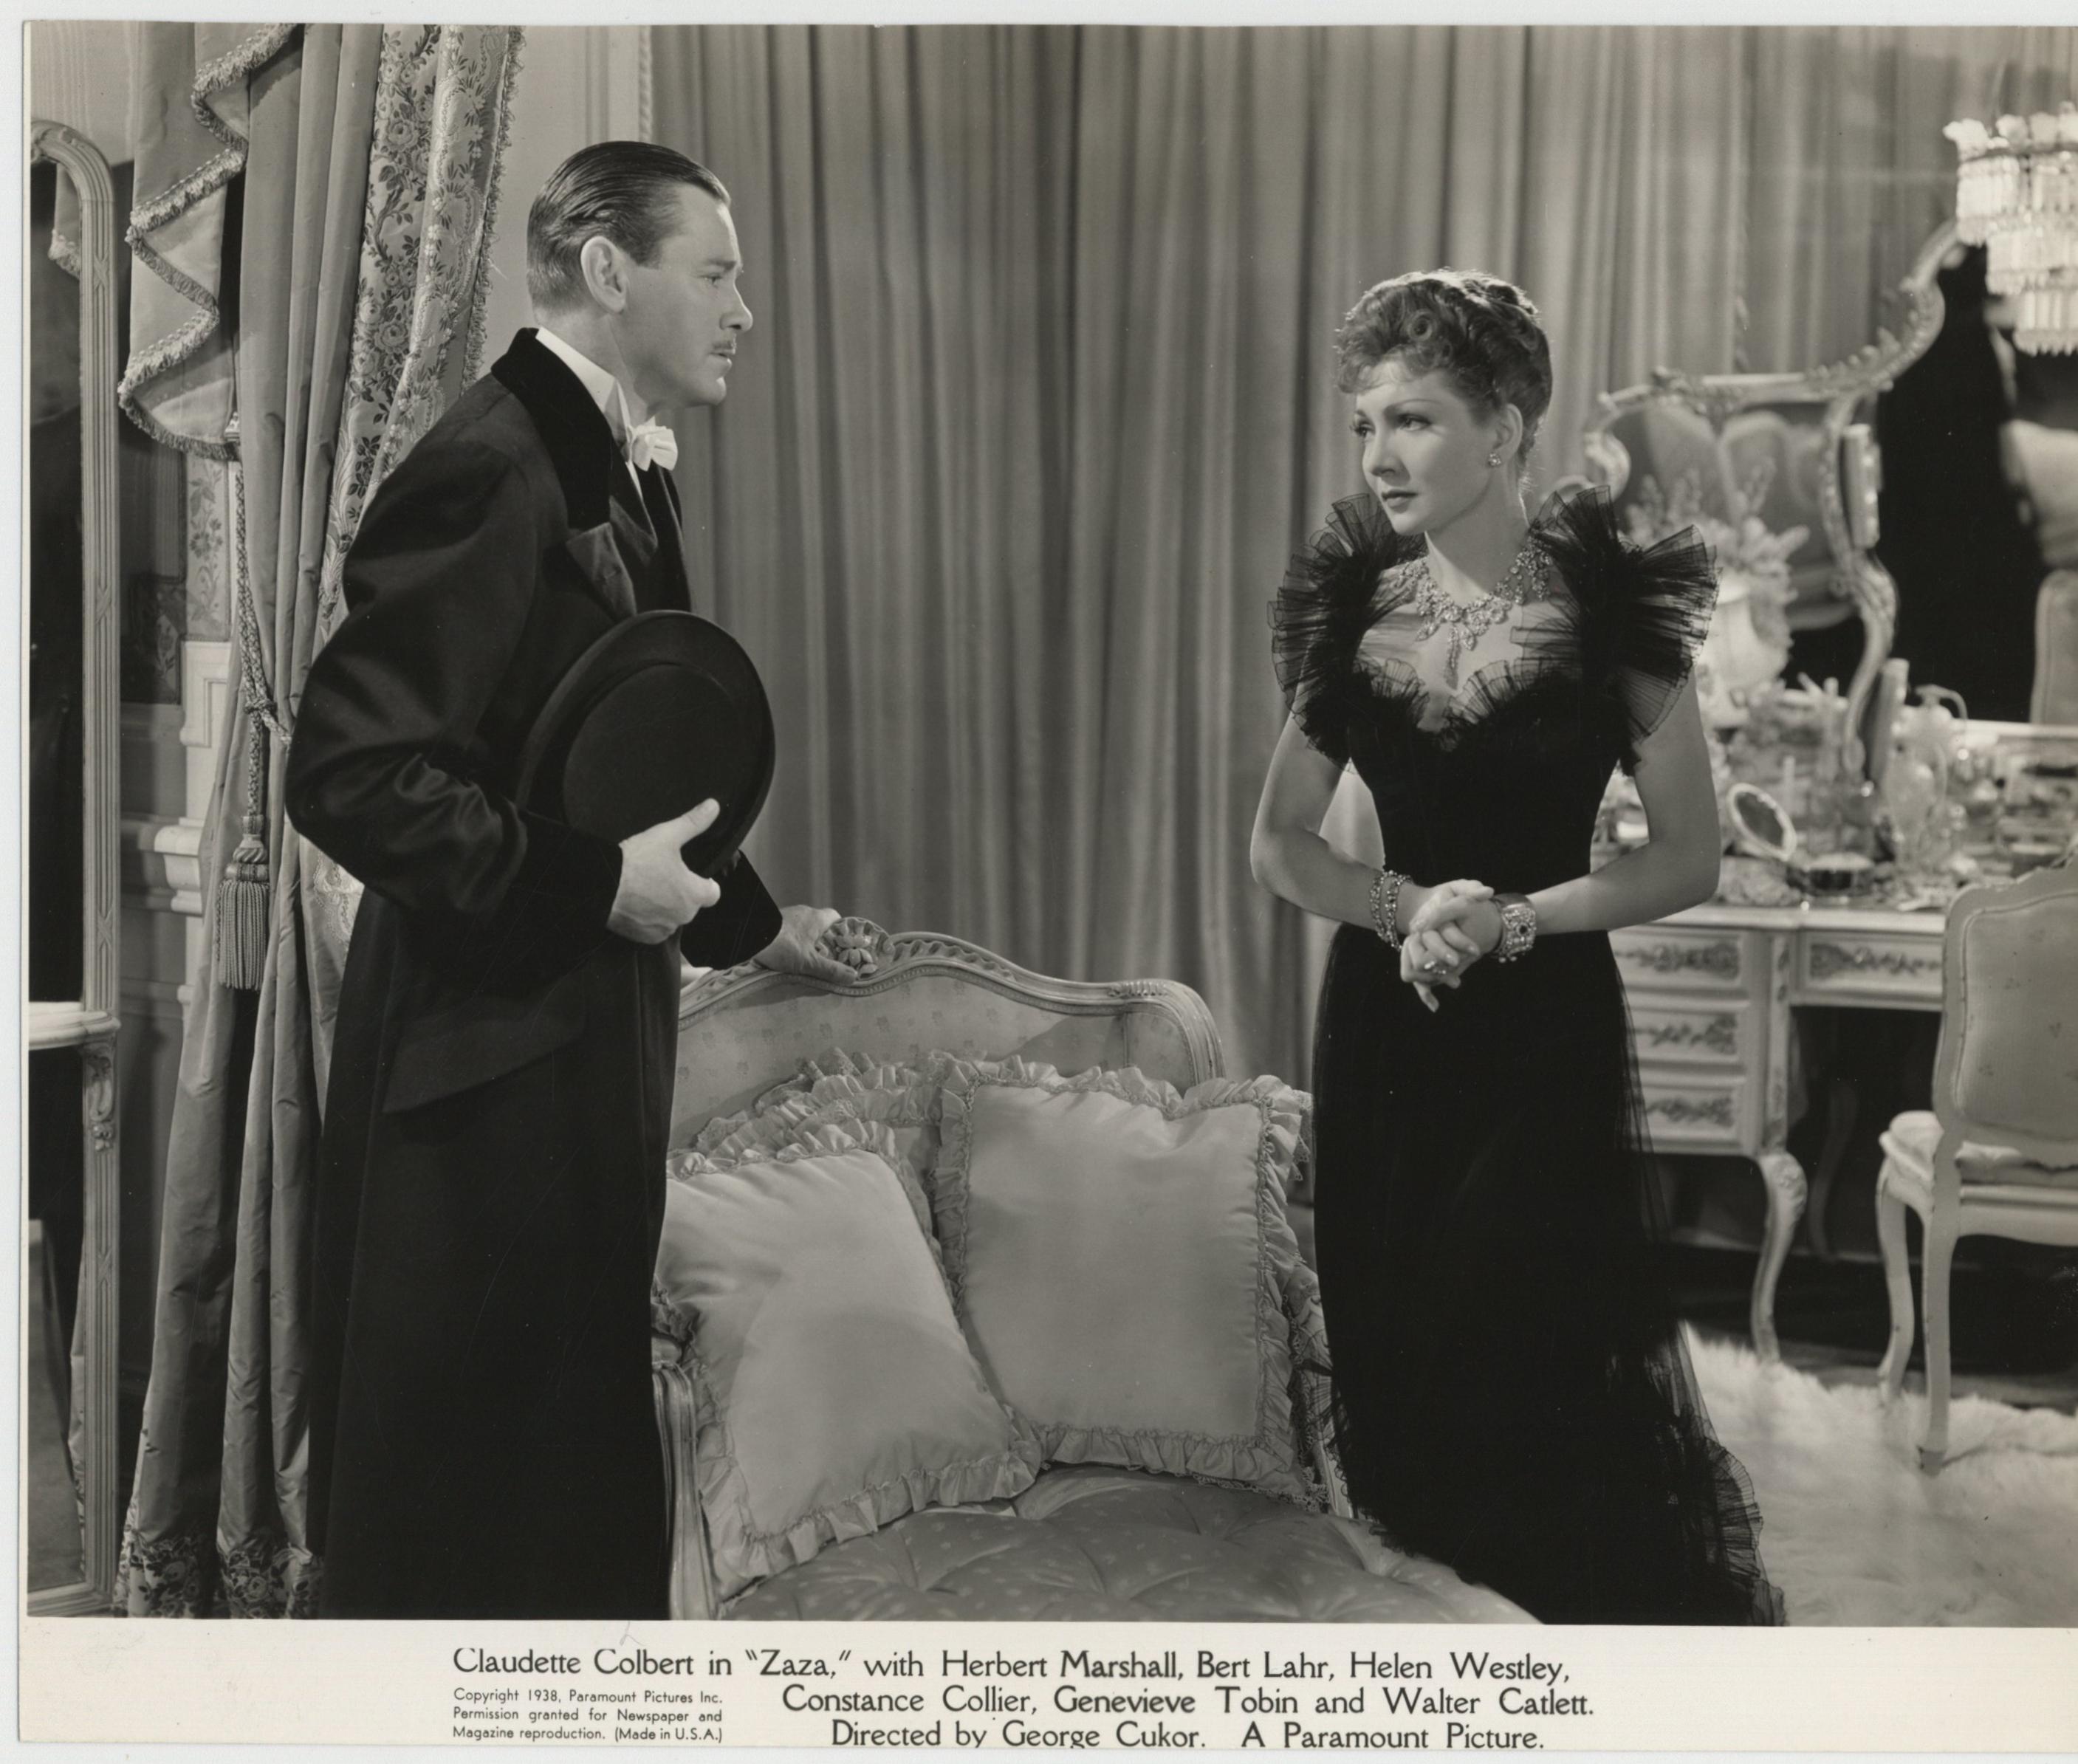 Claudette Colbert and Herbert Marshall in Zaza (1938)